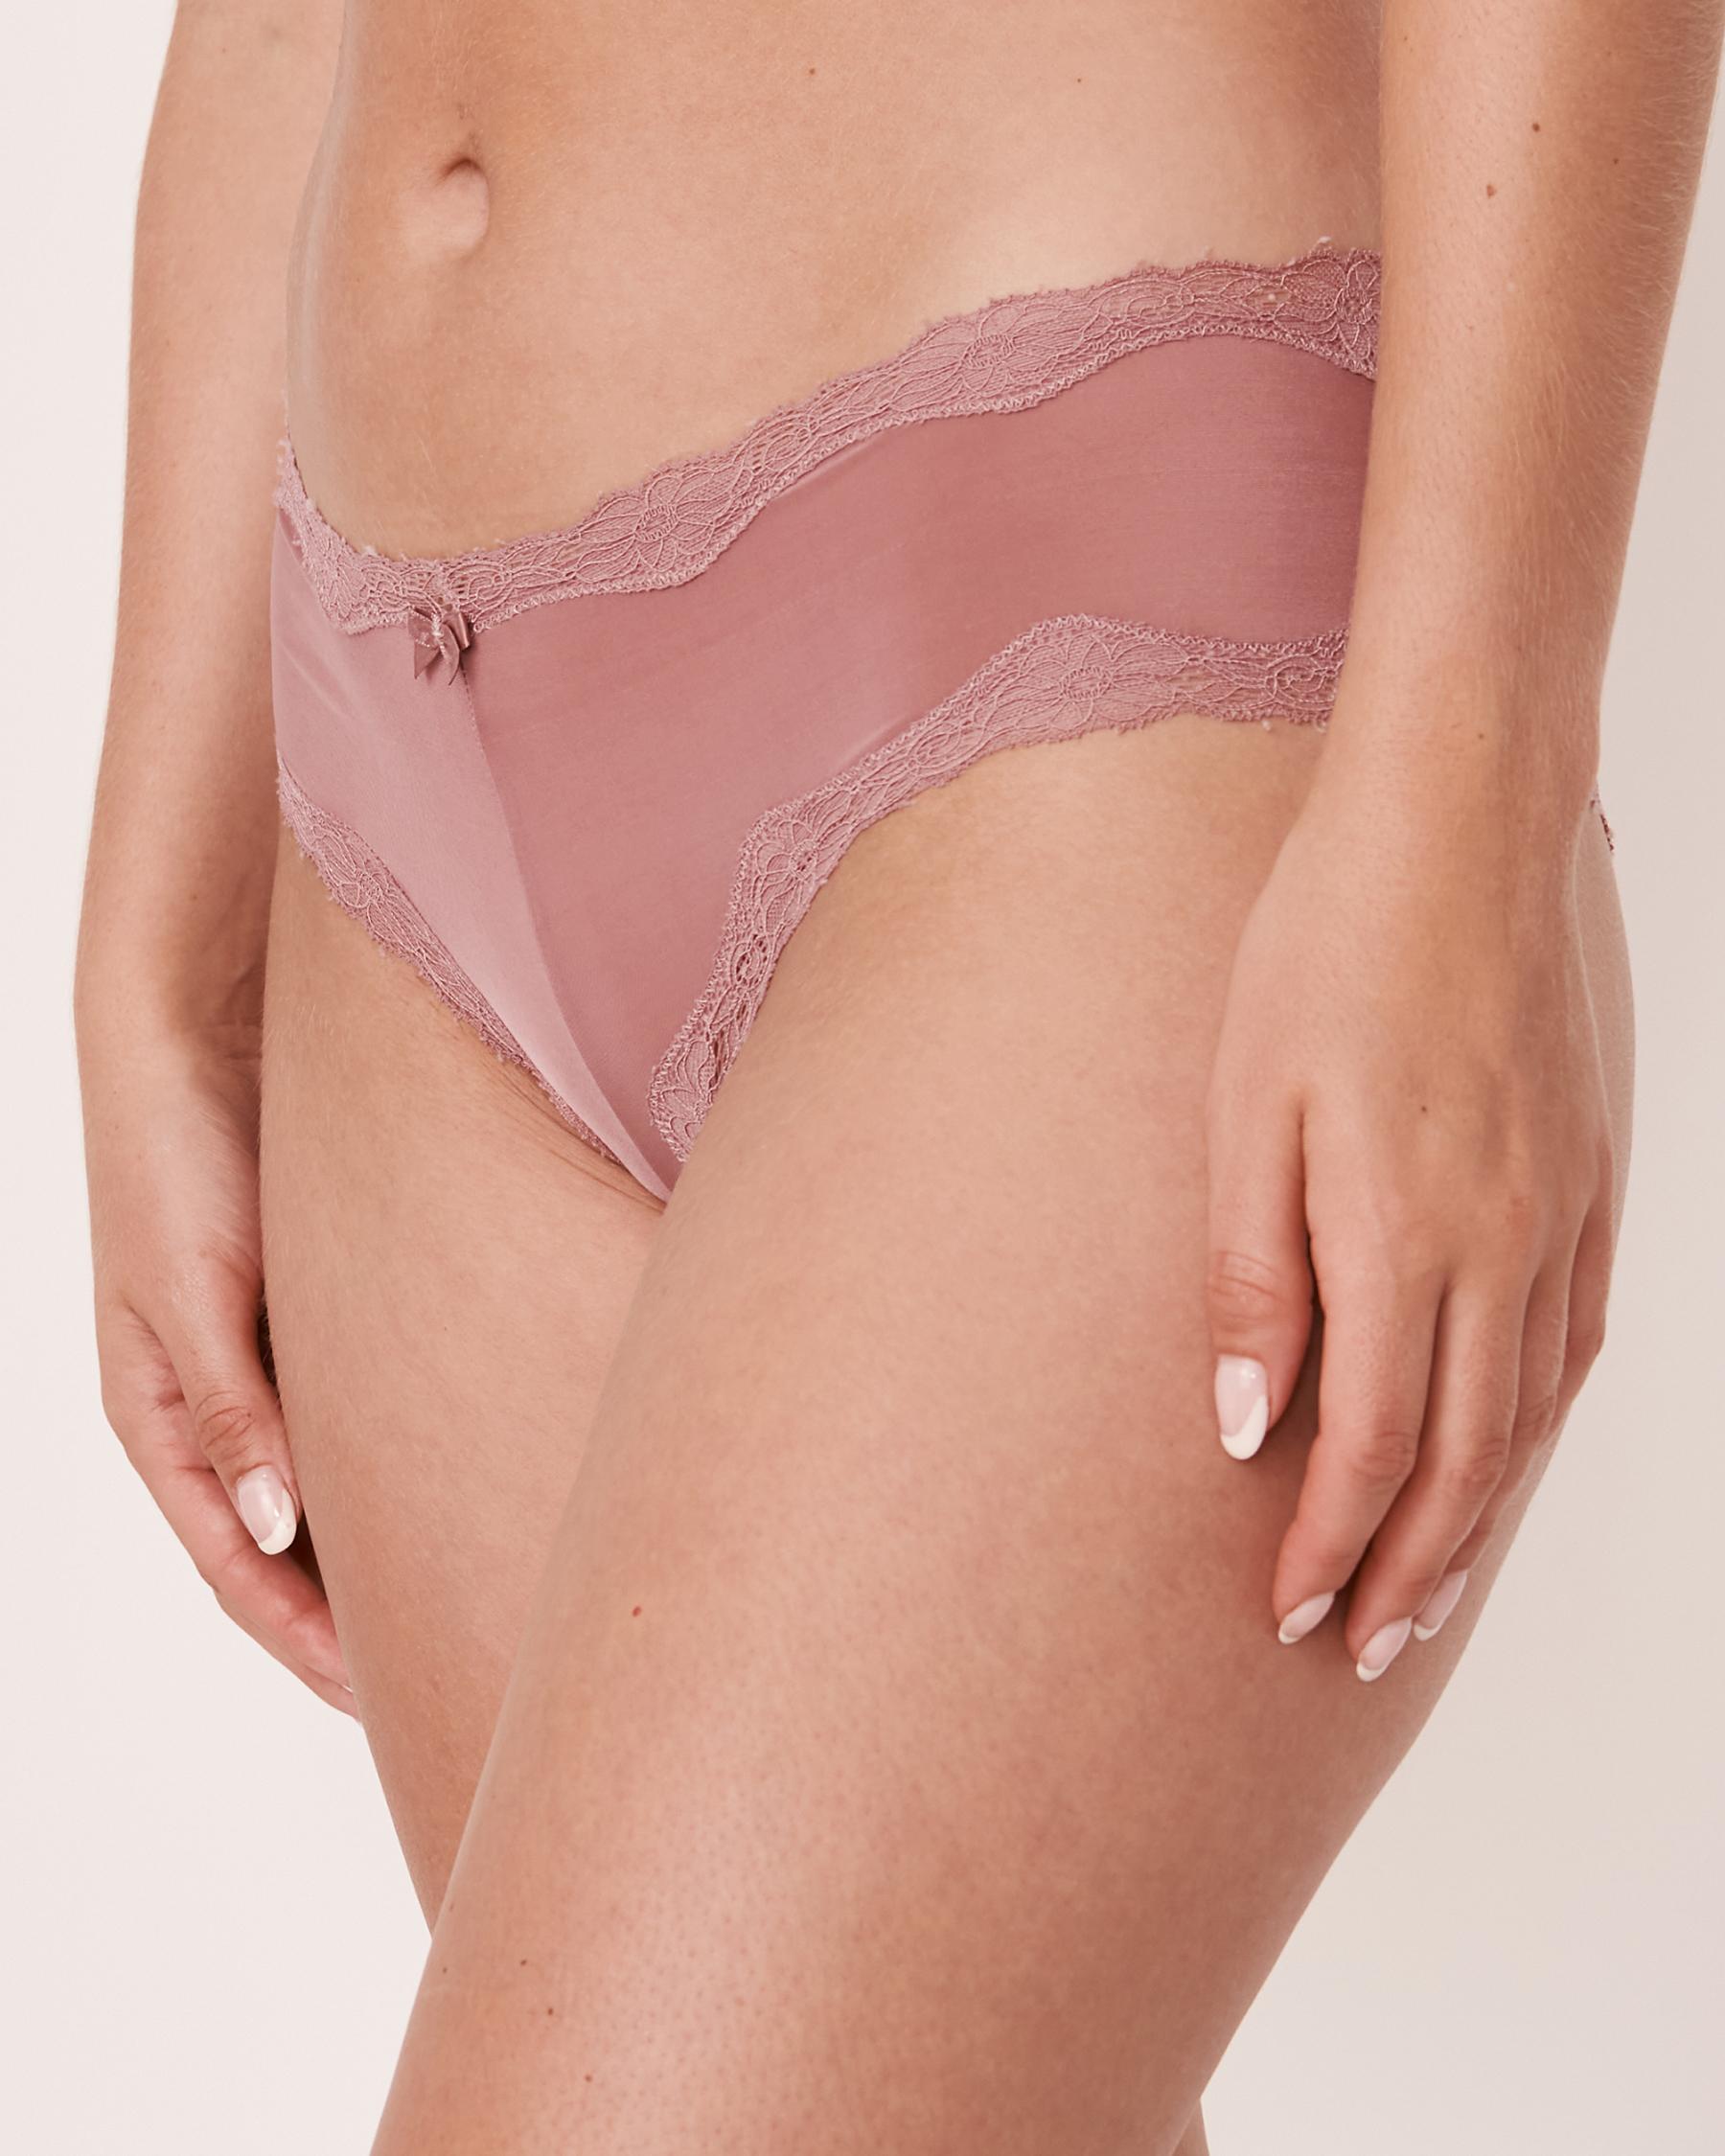 LA VIE EN ROSE Cheeky Panty Old pink 20200075 - View1